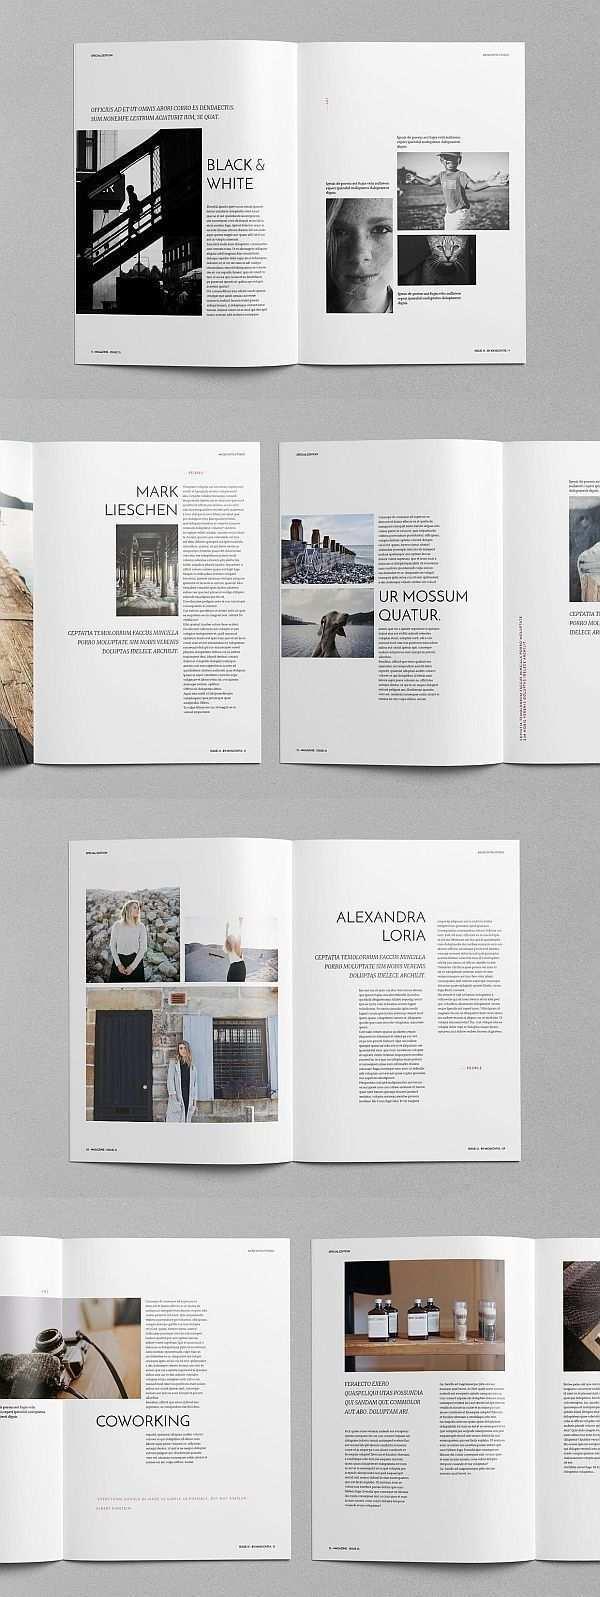 Eko Magazine Vorlage Magazine Broschure Vorlage Brochuretemplate Brochuredesign In 2020 Magazine Layout Inspiration Page Layout Design Magazine Layout Design